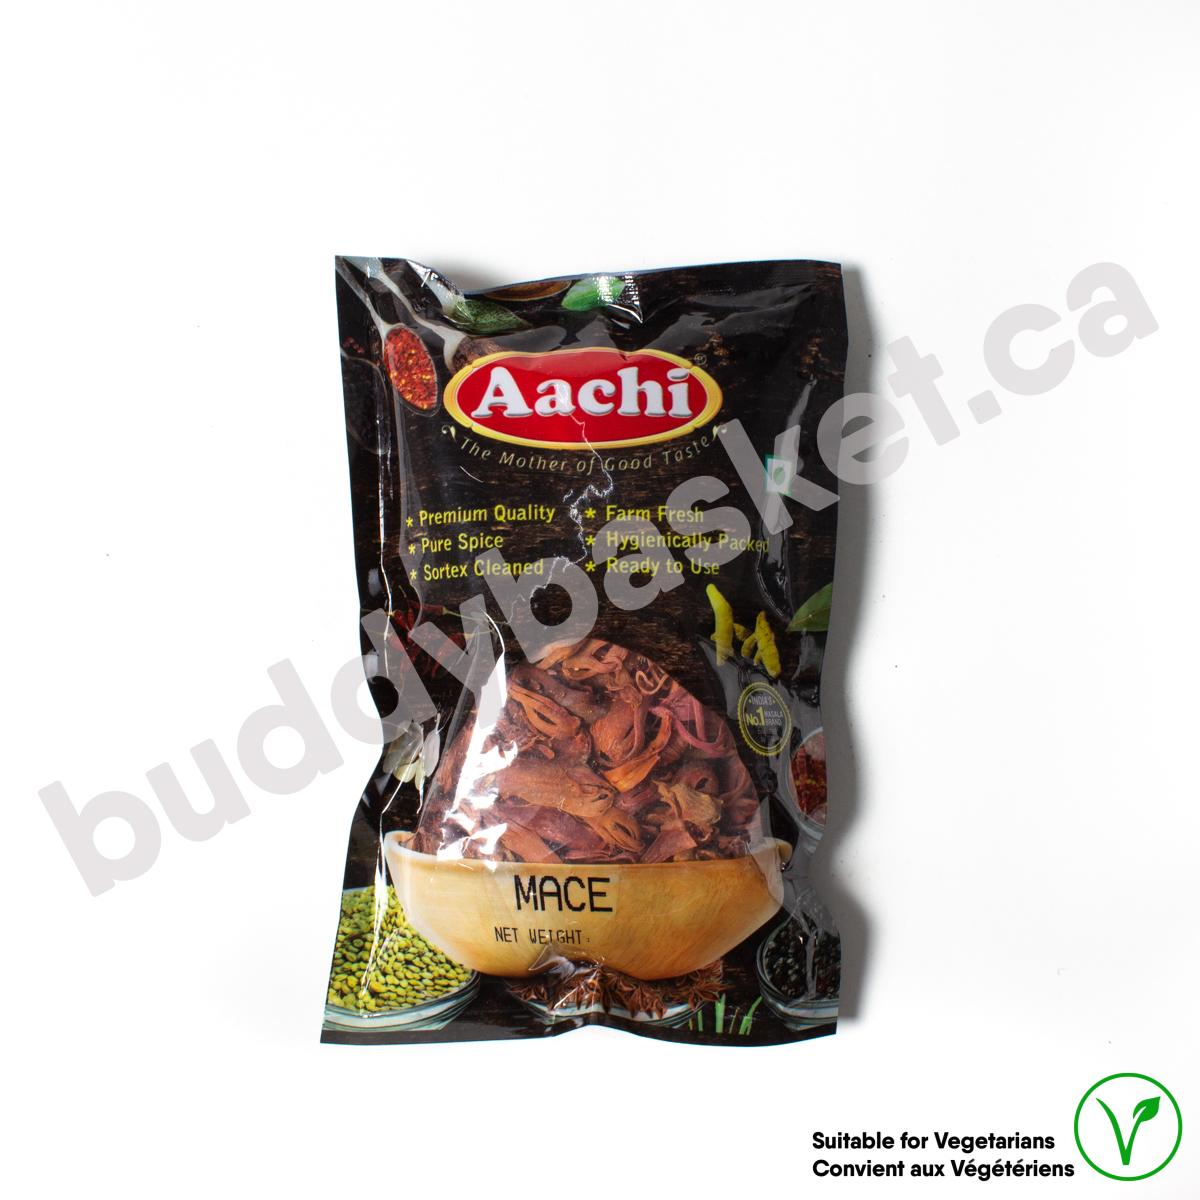 Aachi Mace 100g